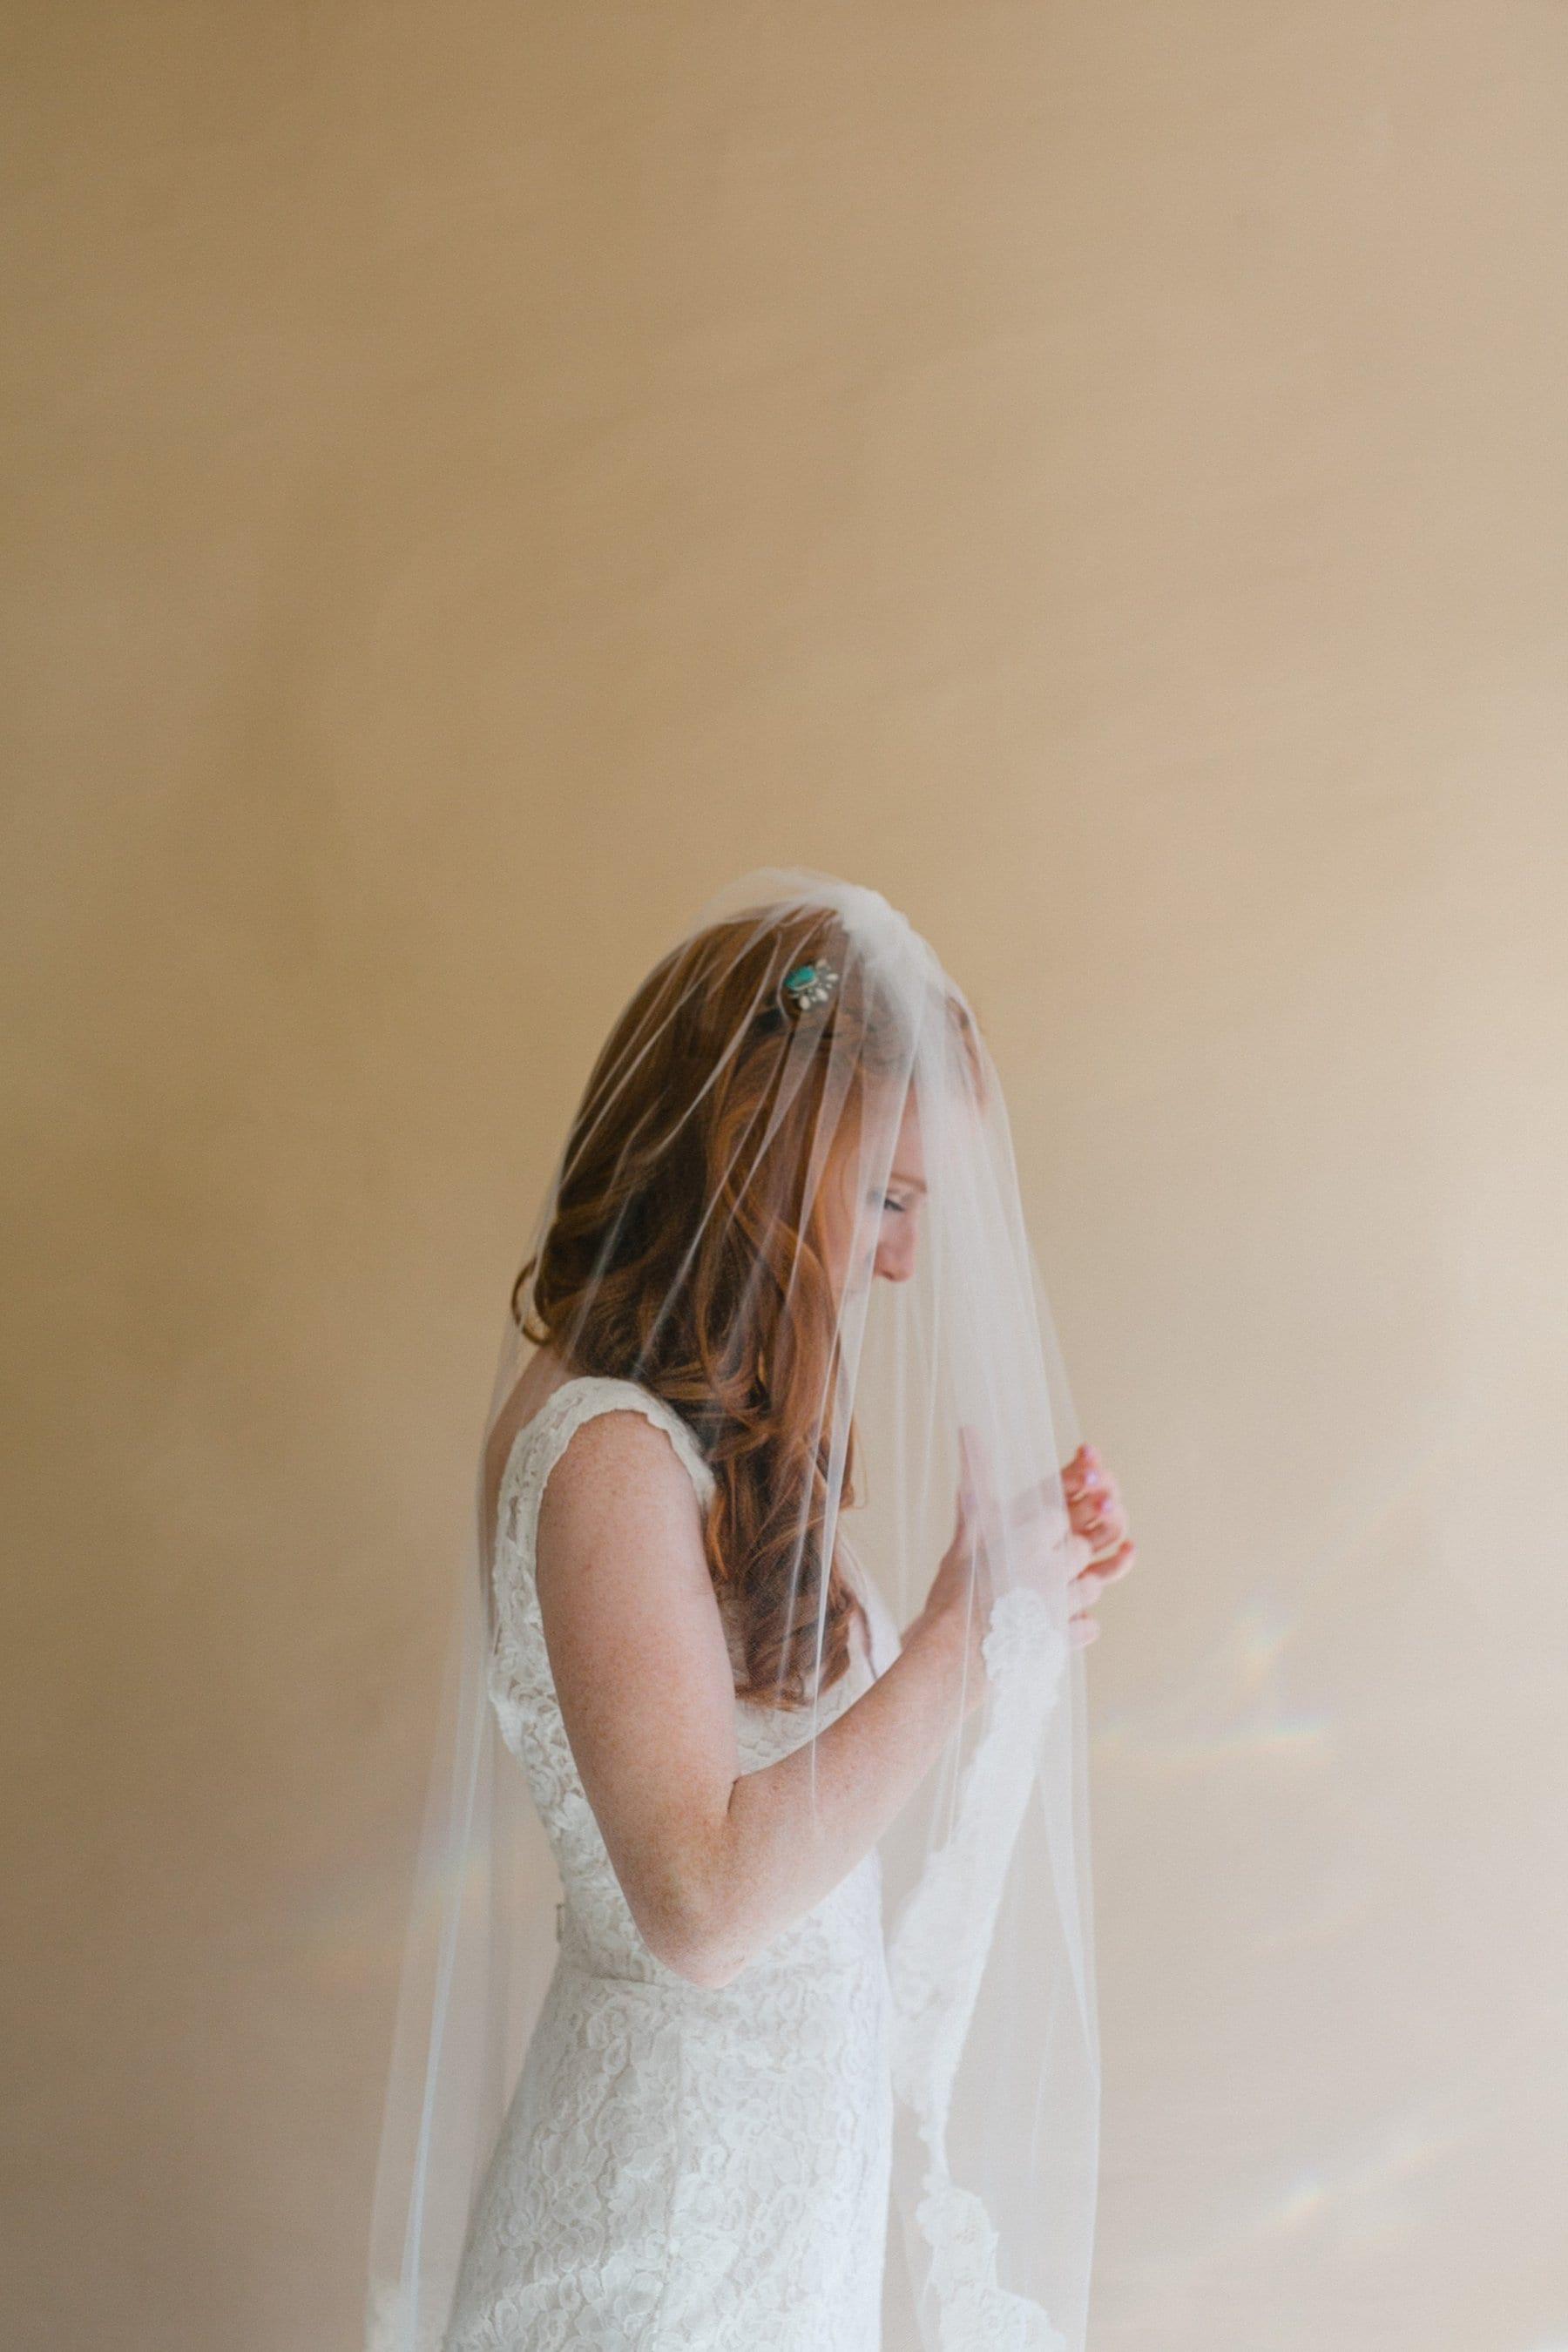 redhead bride in veil getting ready for wedding Phoenix wedding photographer